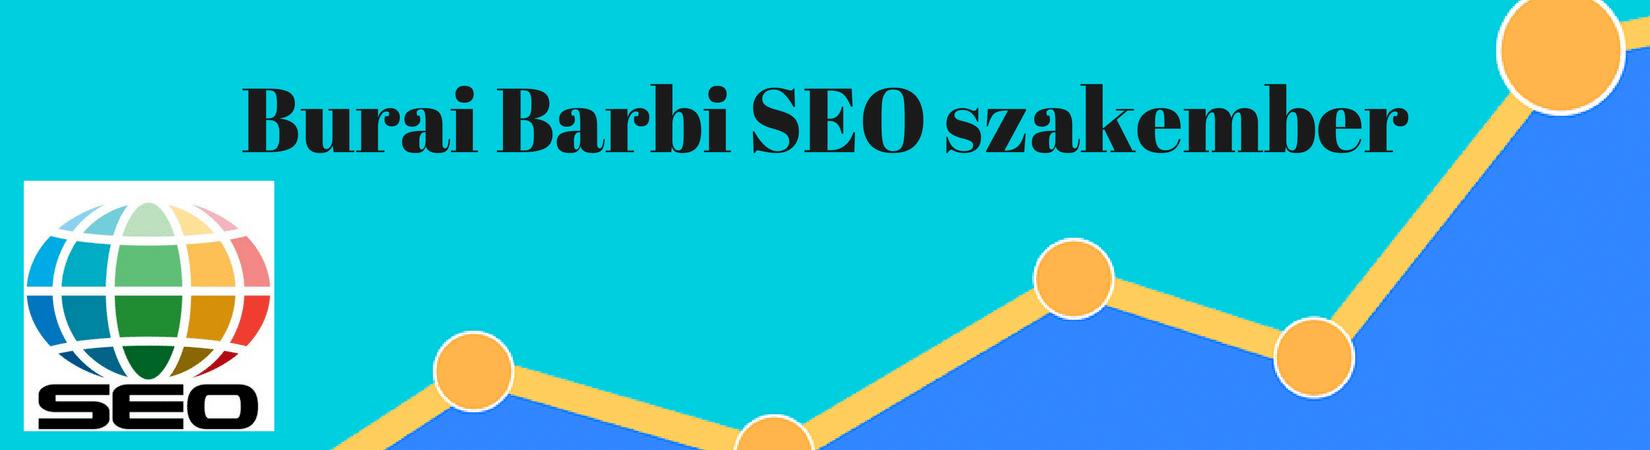 Burai Barbi logó - Burai Barbi SEO szakember, Keresőoptimalizálás, SEO, SEO szövegírás, SEO tanácsadás, Honlapkészítés, Honlapelemzés